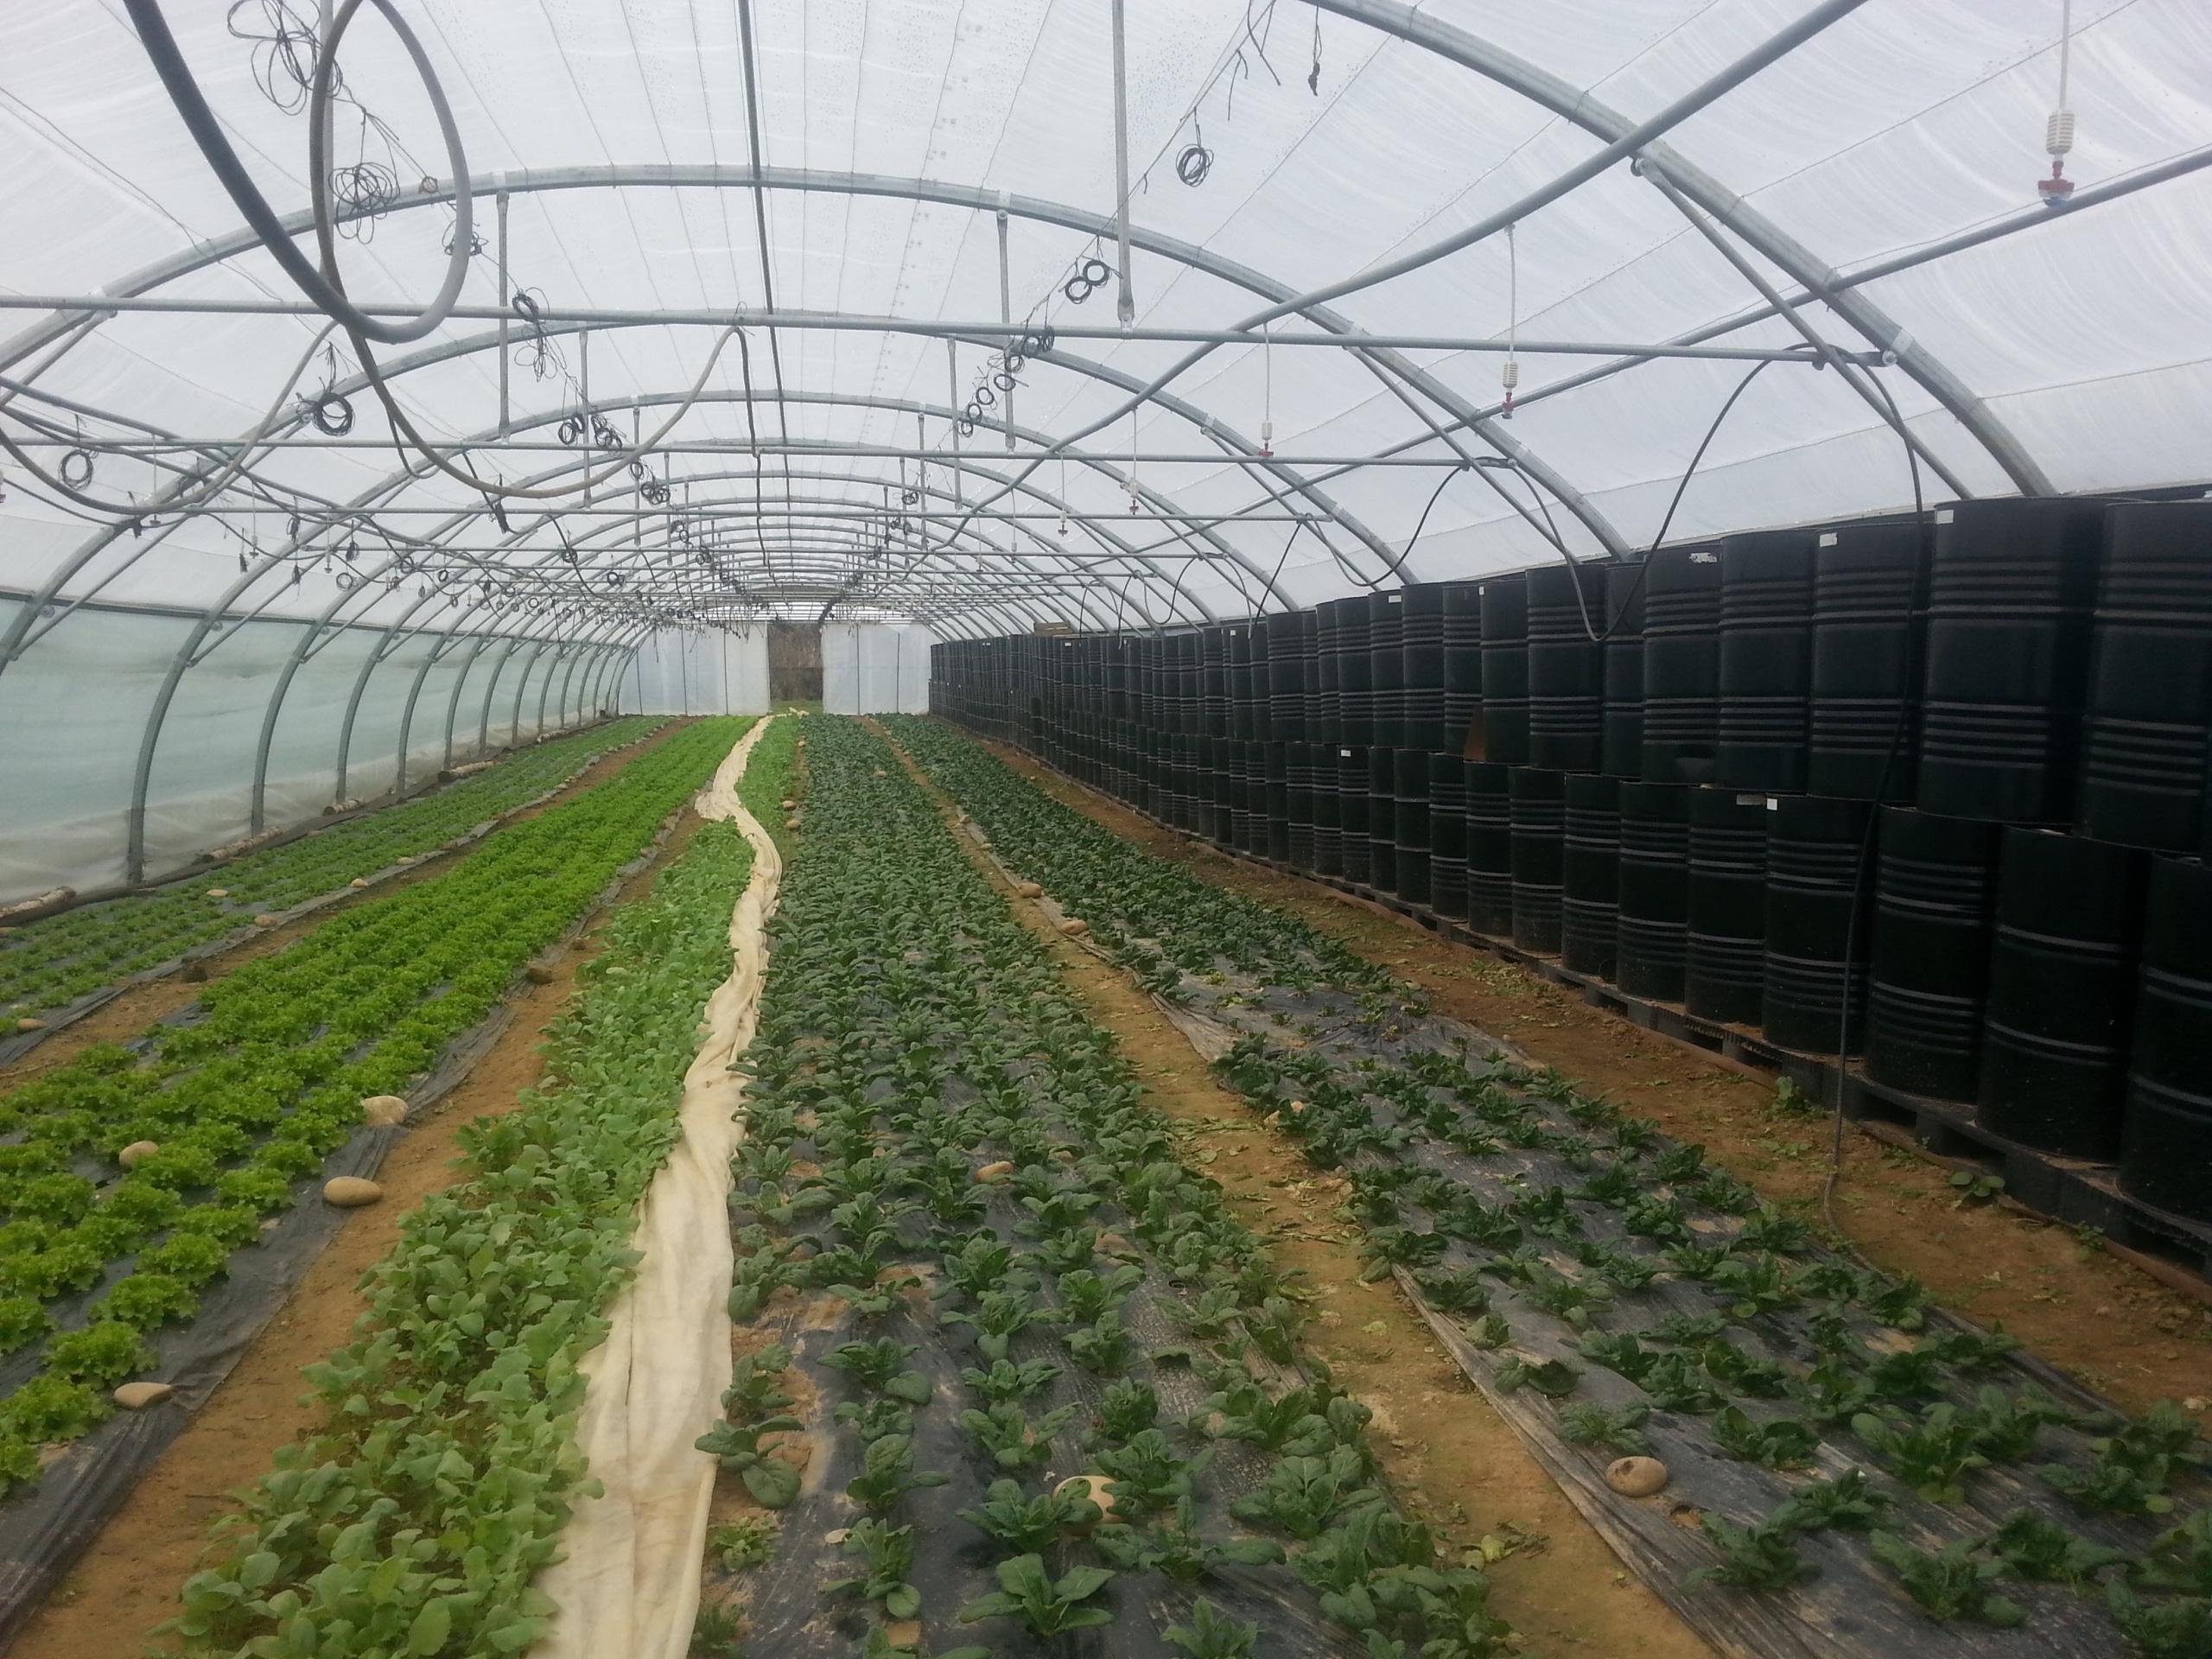 Que Planter En Octobre Sous Serre retours sur les expérimentations précocité et climat sous